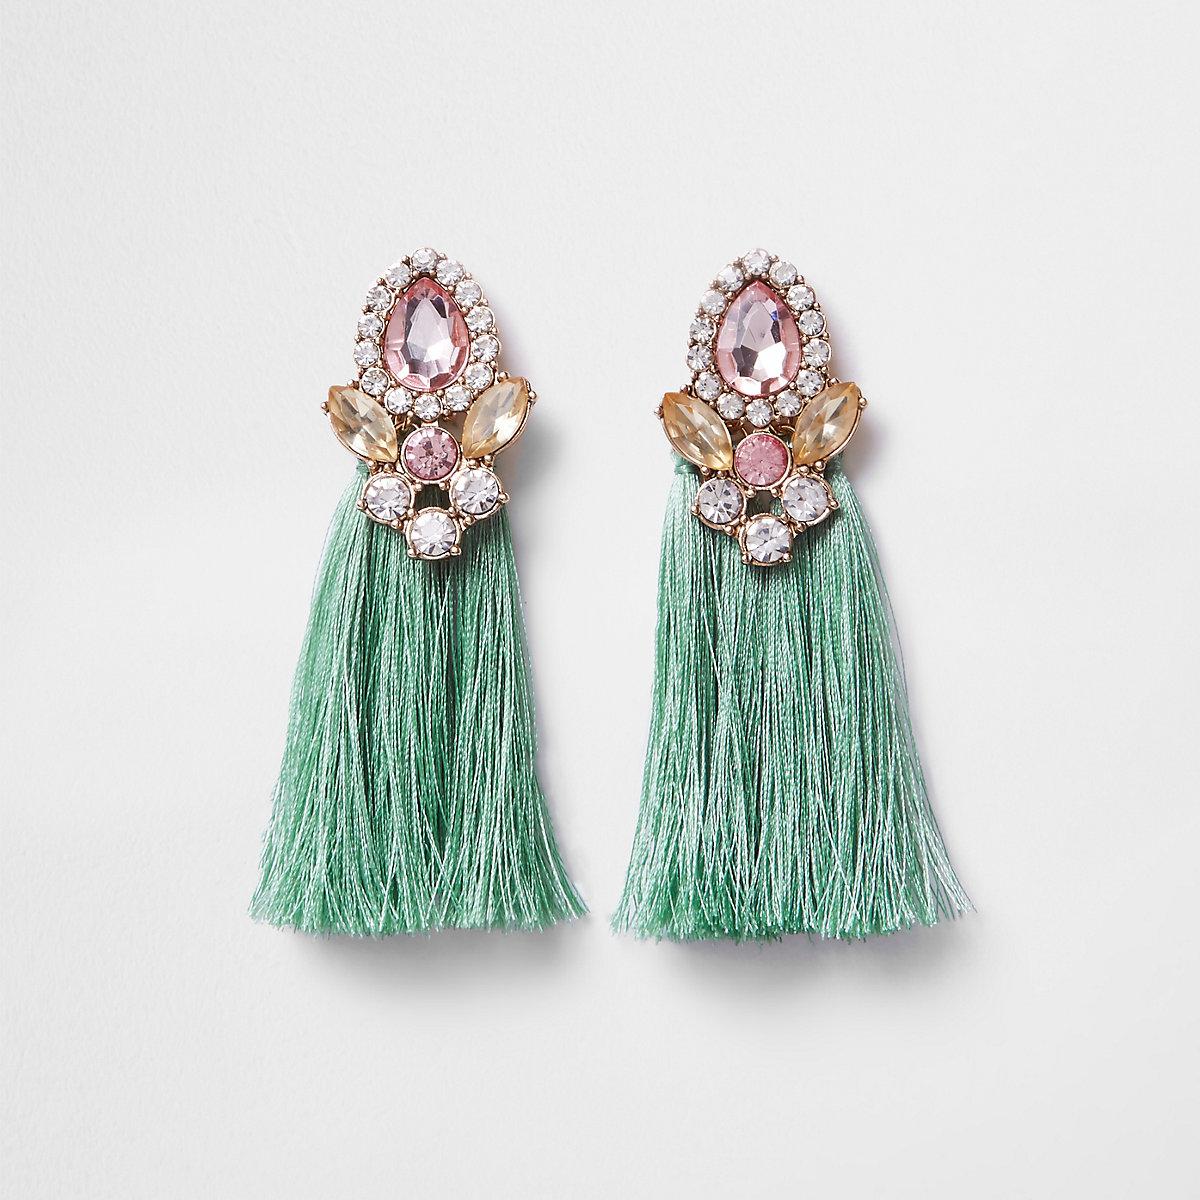 Mint green tassel jewel embellished earrings